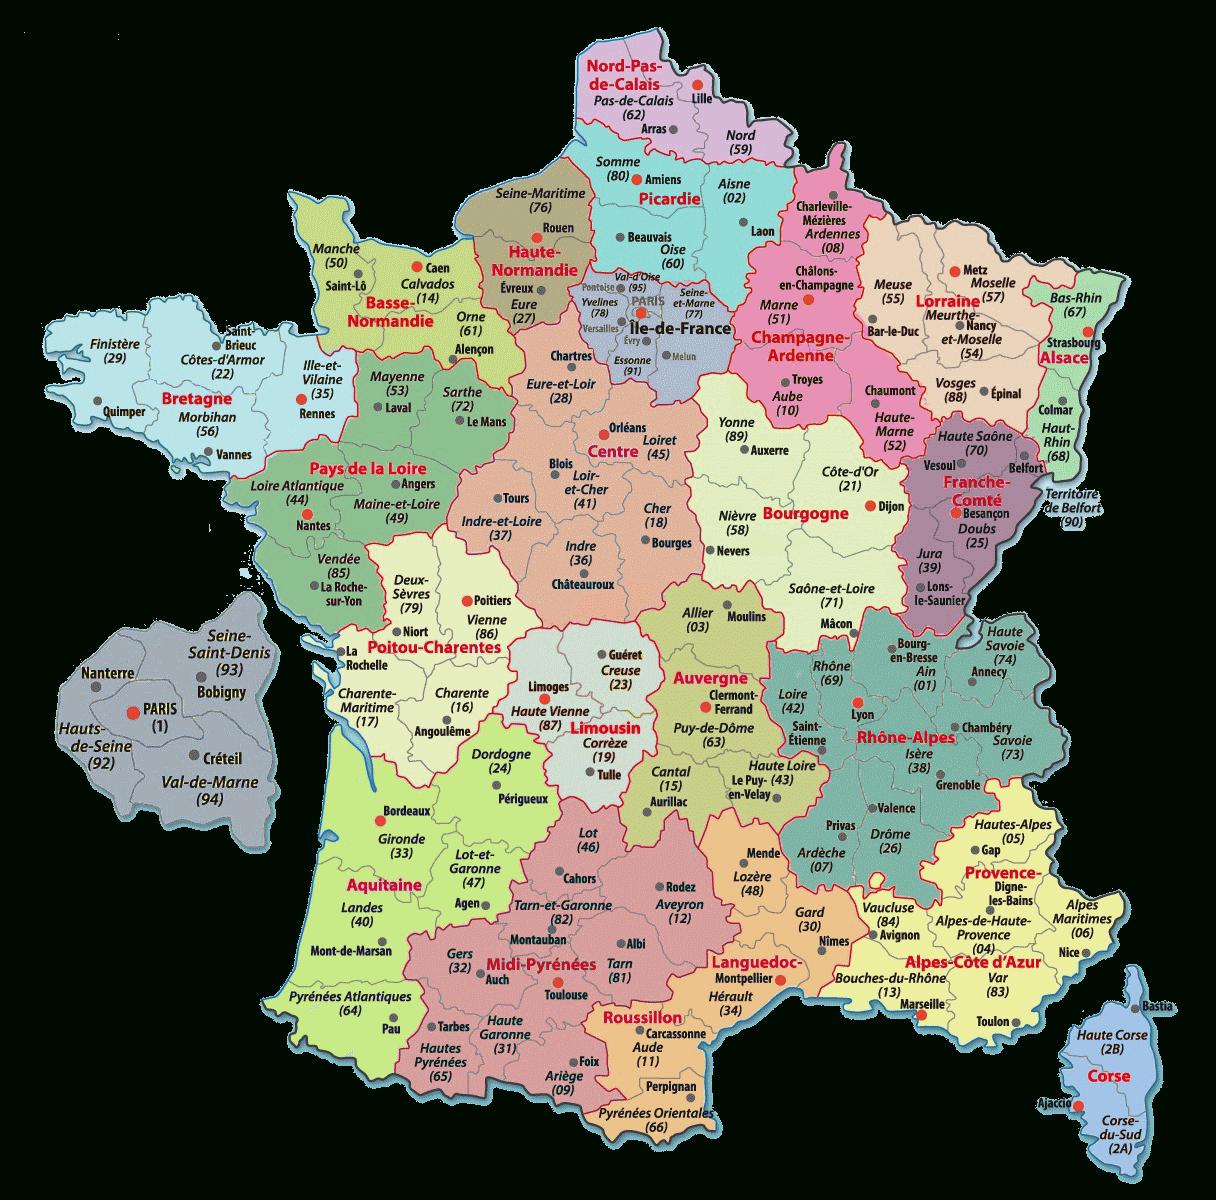 Carte De France Departements : Carte Des Départements De France tout Plan De La France Par Departement